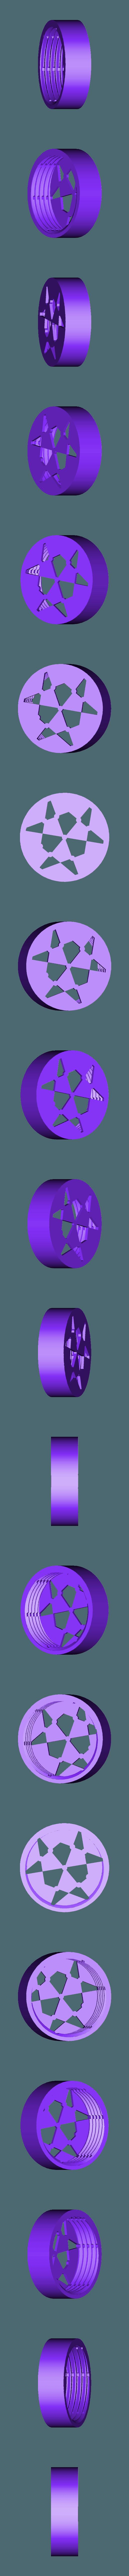 Mascherina_COVID-19_tappo.stl Download free STL file Mascherina-COVID-19 • 3D printable design, marcogenito